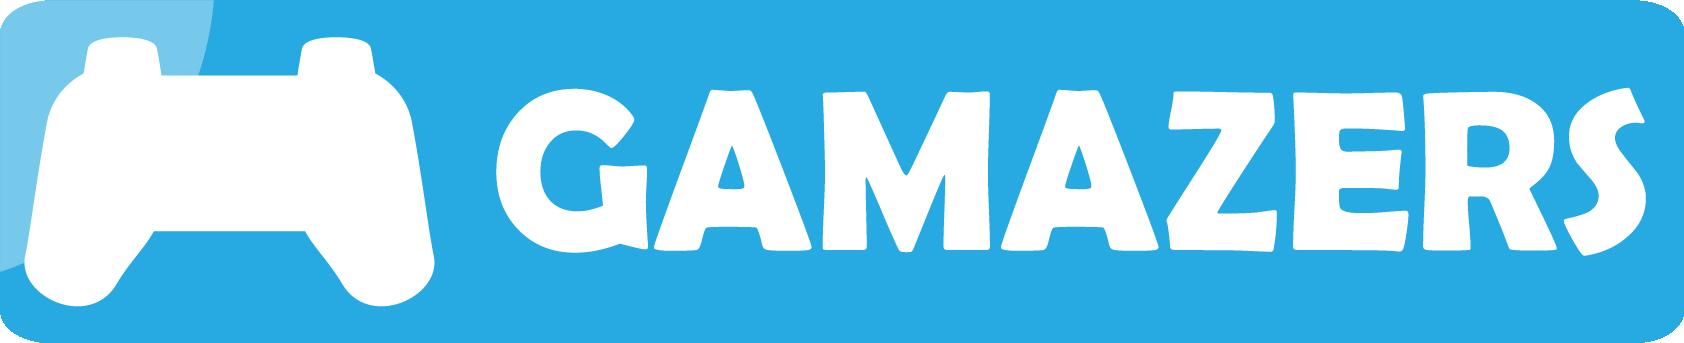 Gamazers (IE)